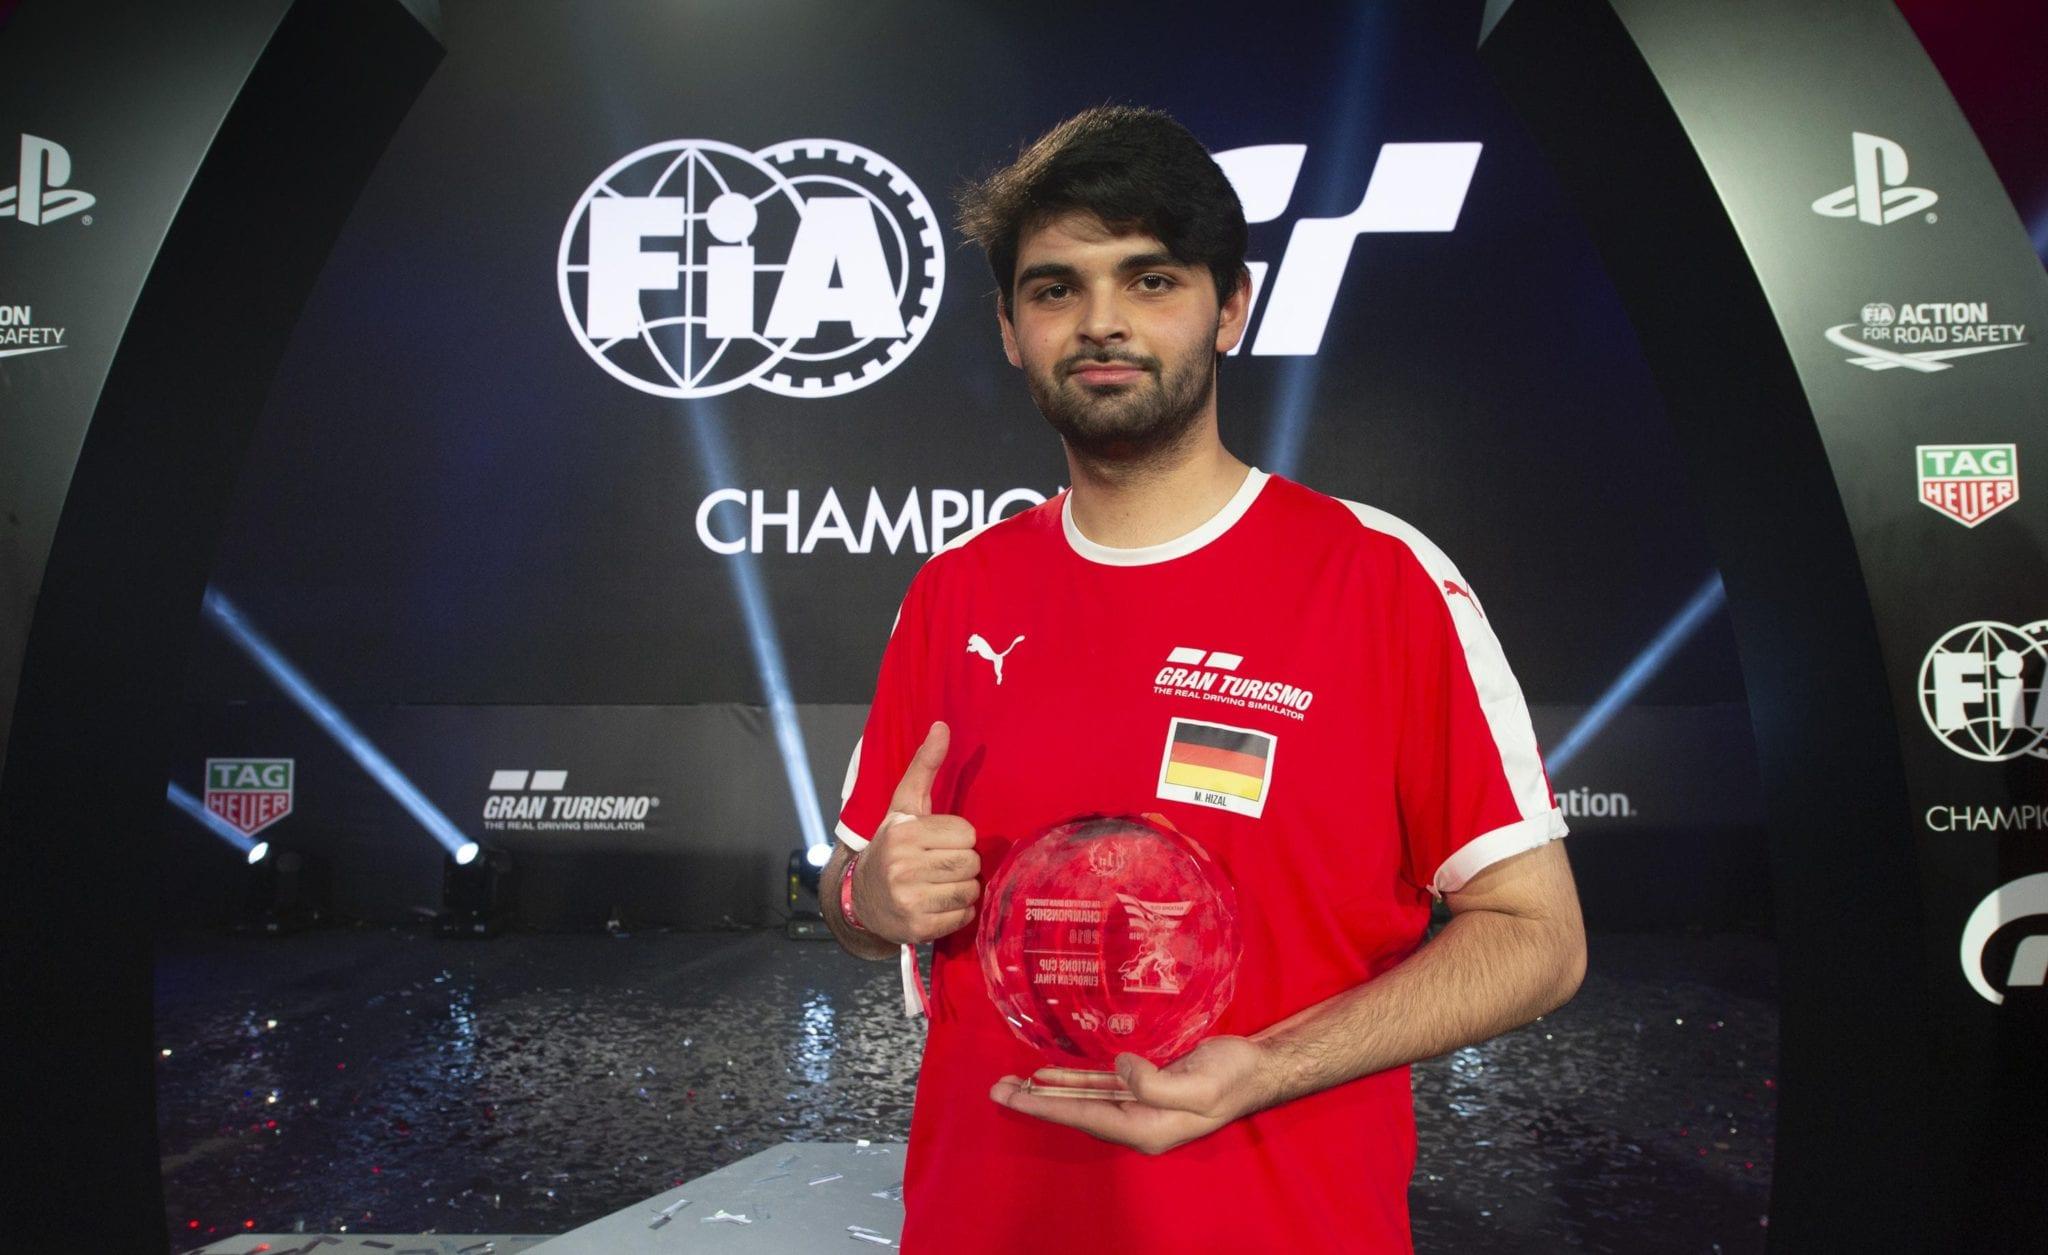 FIA GT CHAMPIONSHIP: L'ITALIA SUL PODIO DELLE FINALI EUROPEE CON IL TERZO POSTO DI GIORGIO MANGANO